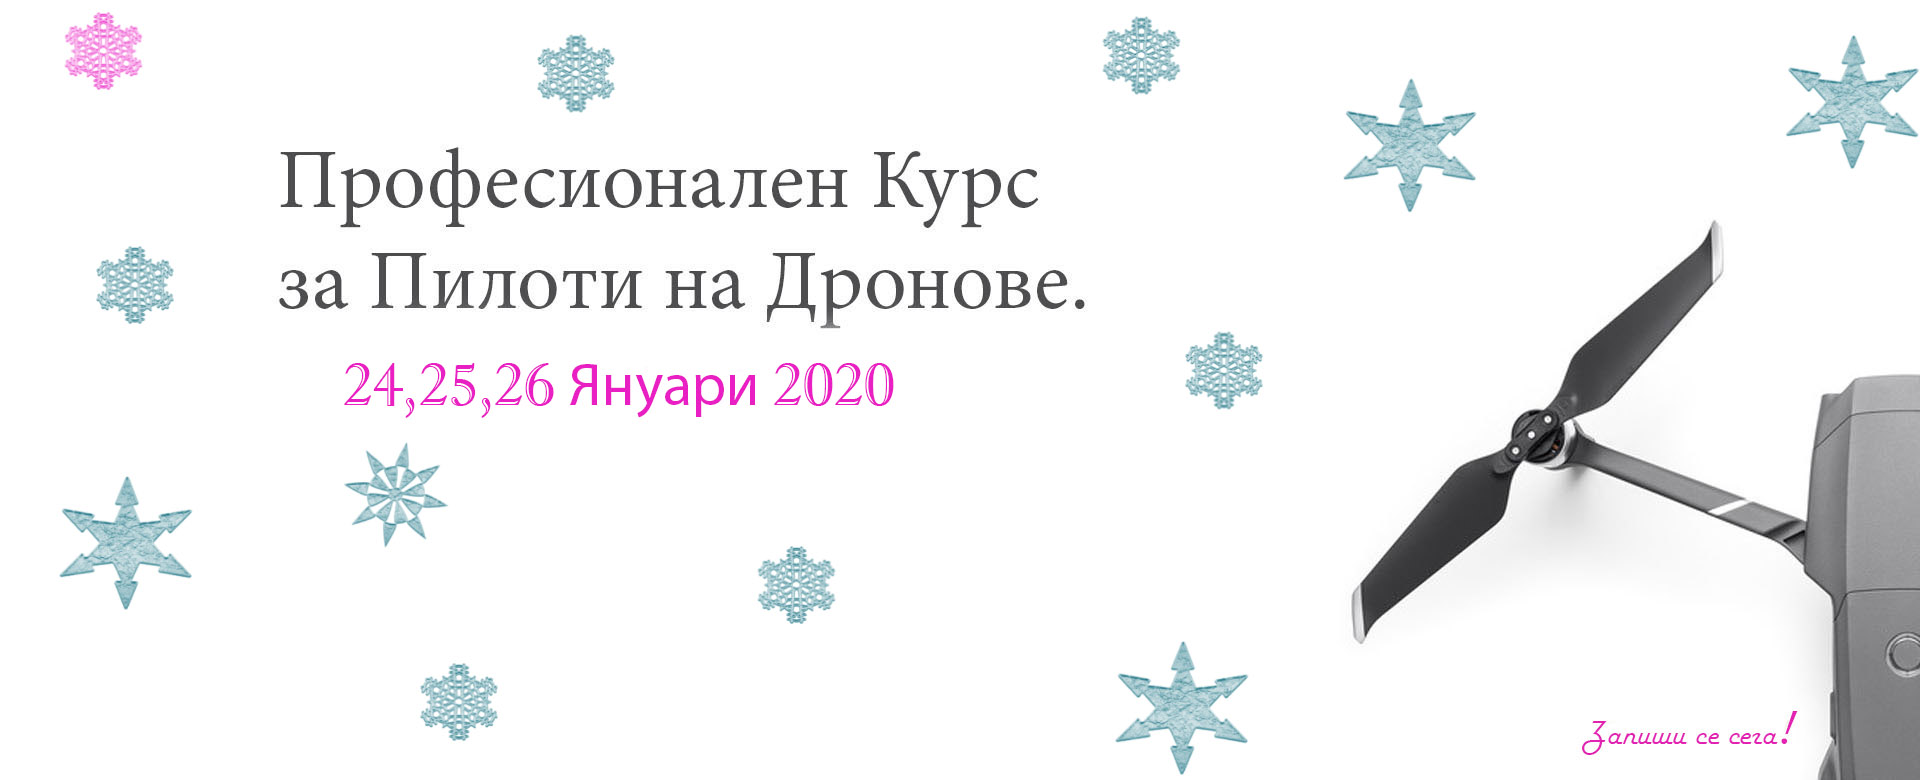 Курс за пилоти на дронове - 24,25,26 Януари 2020